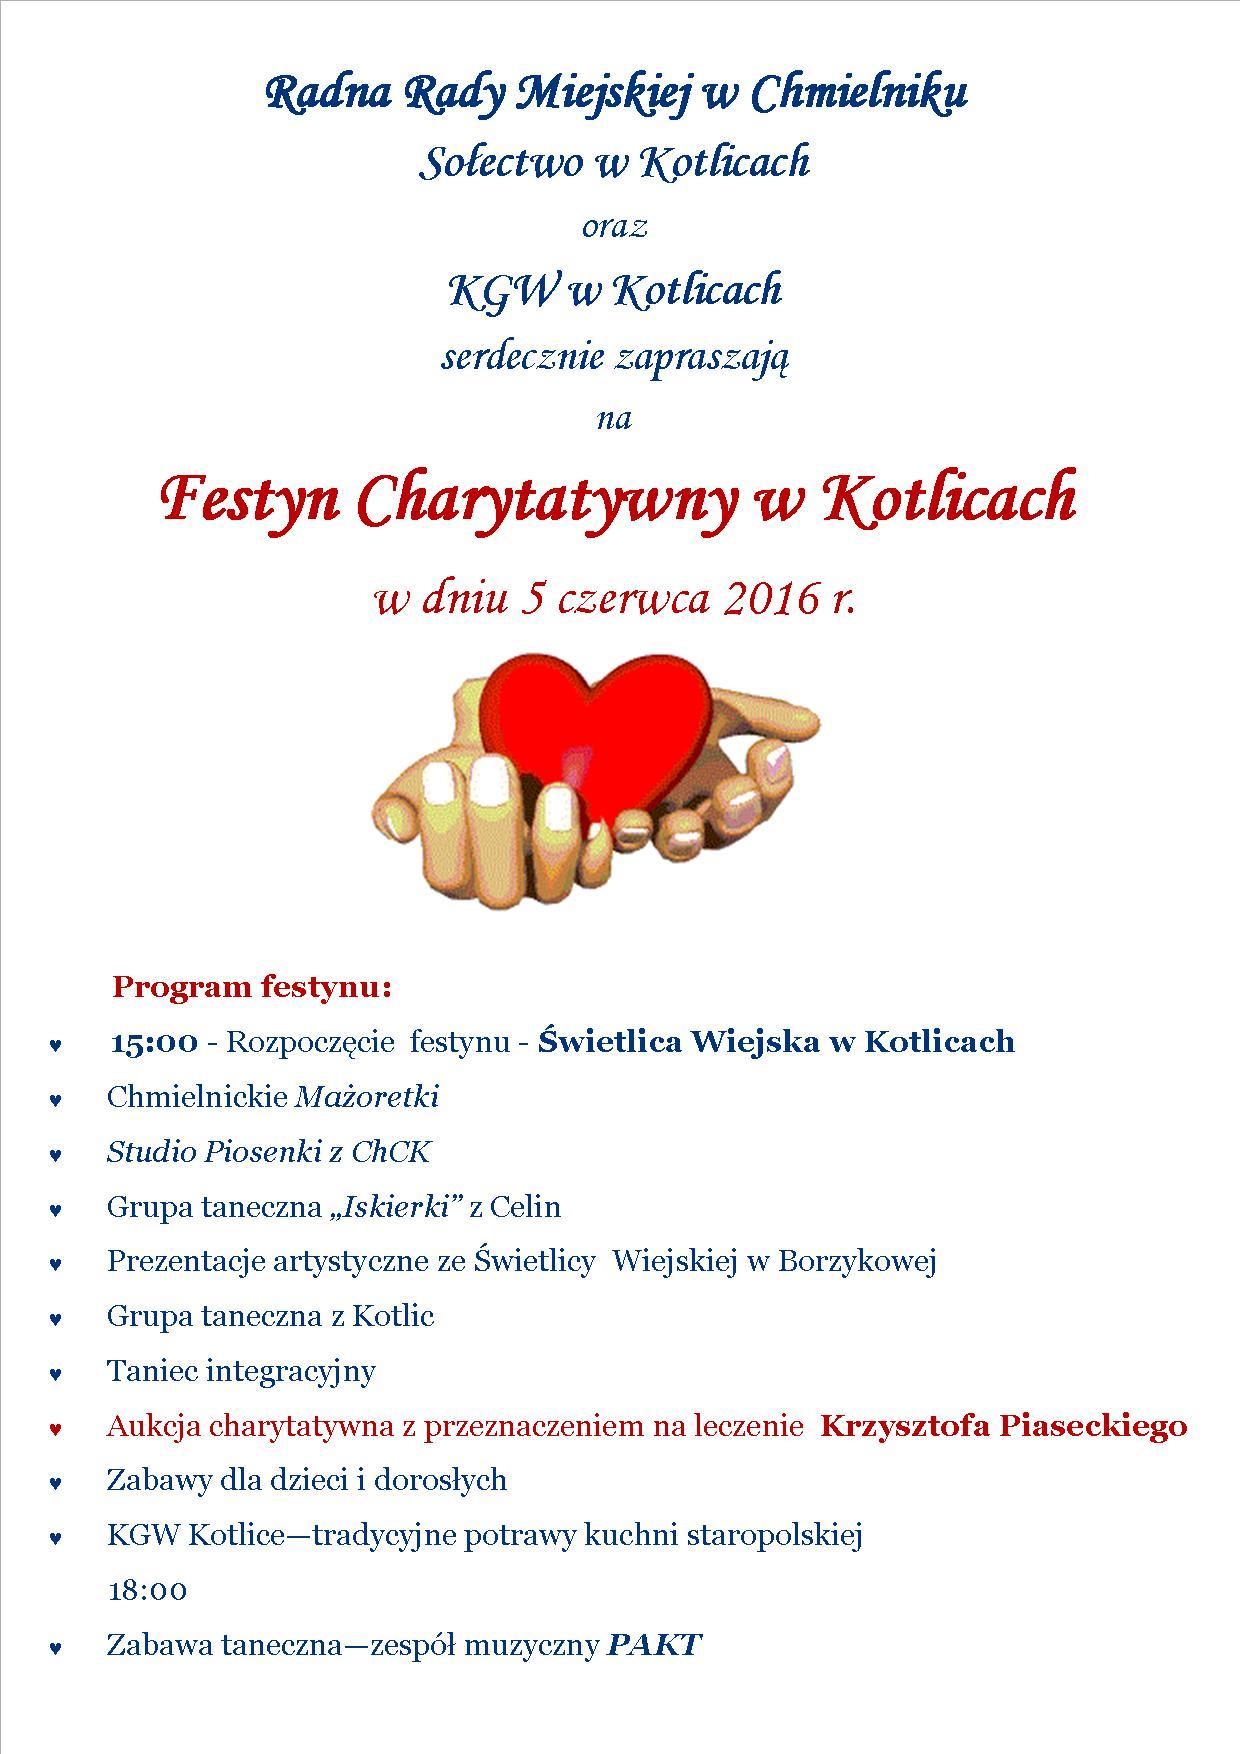 Koncert Charytatywny W Kotlicach 5062016 R